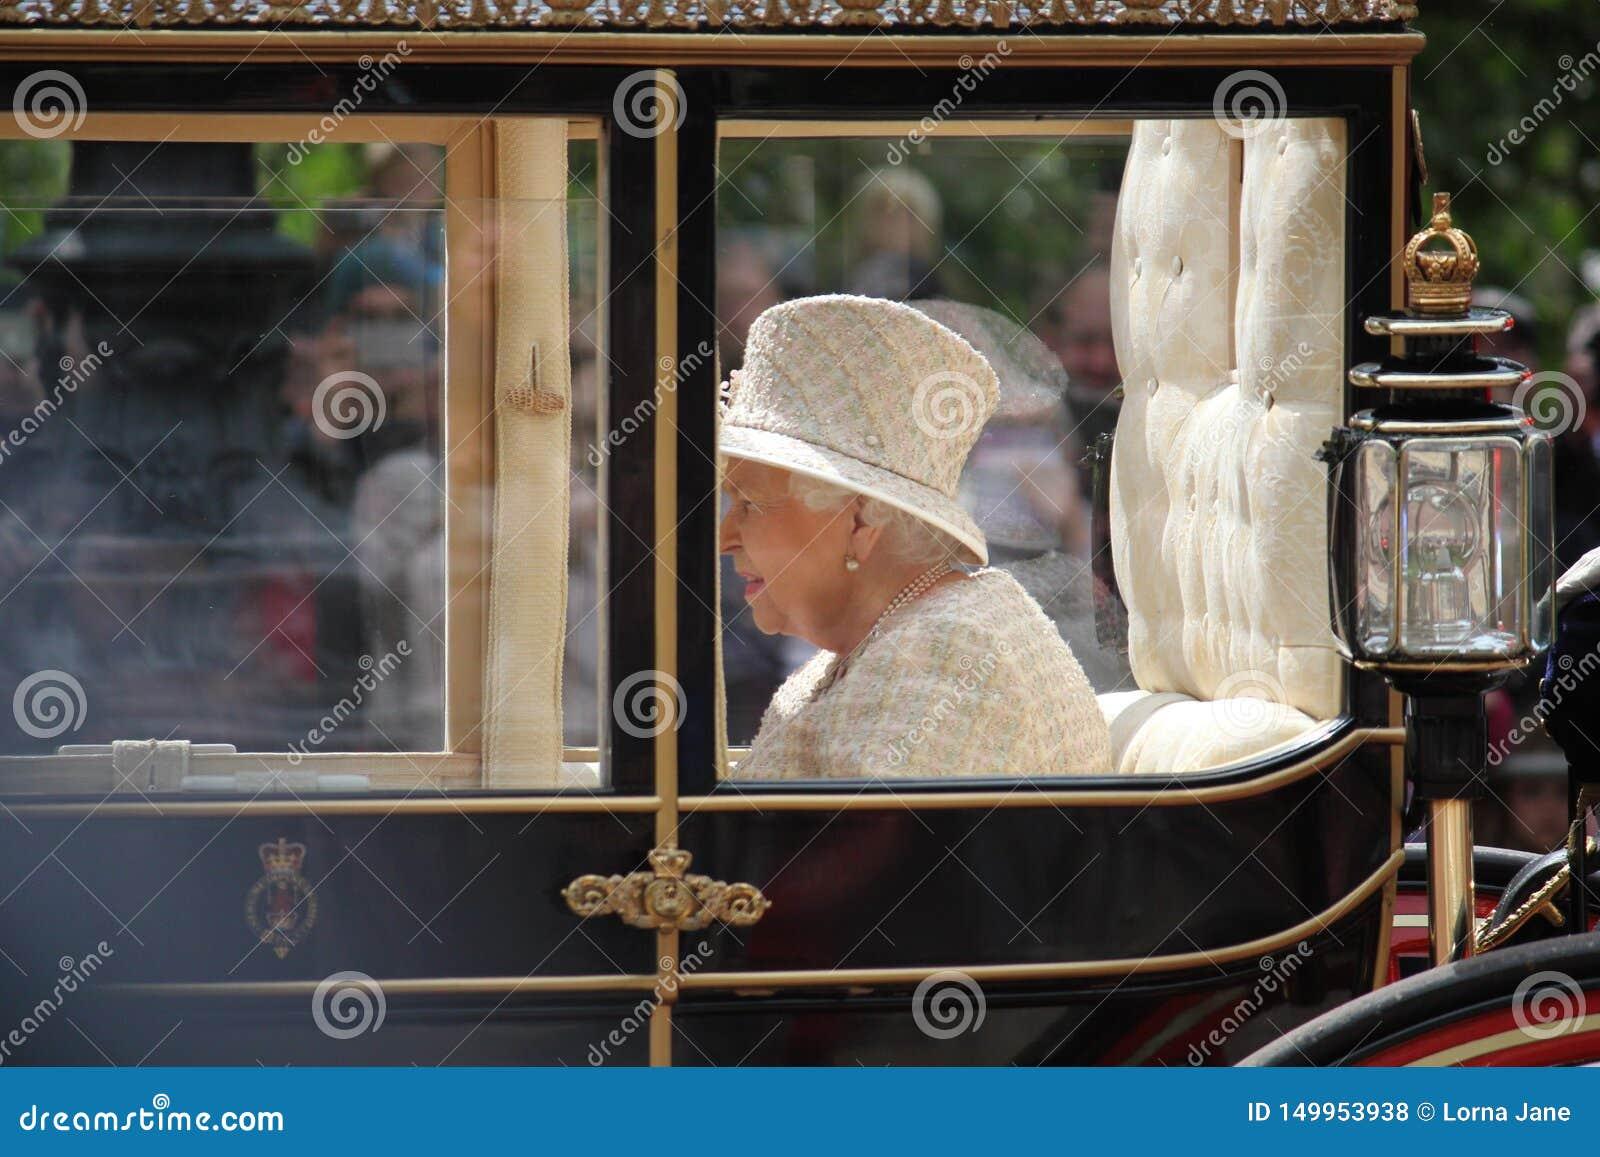 Queen Elizabeth, London Uk, 8 June 2019- Queen Elizabeth